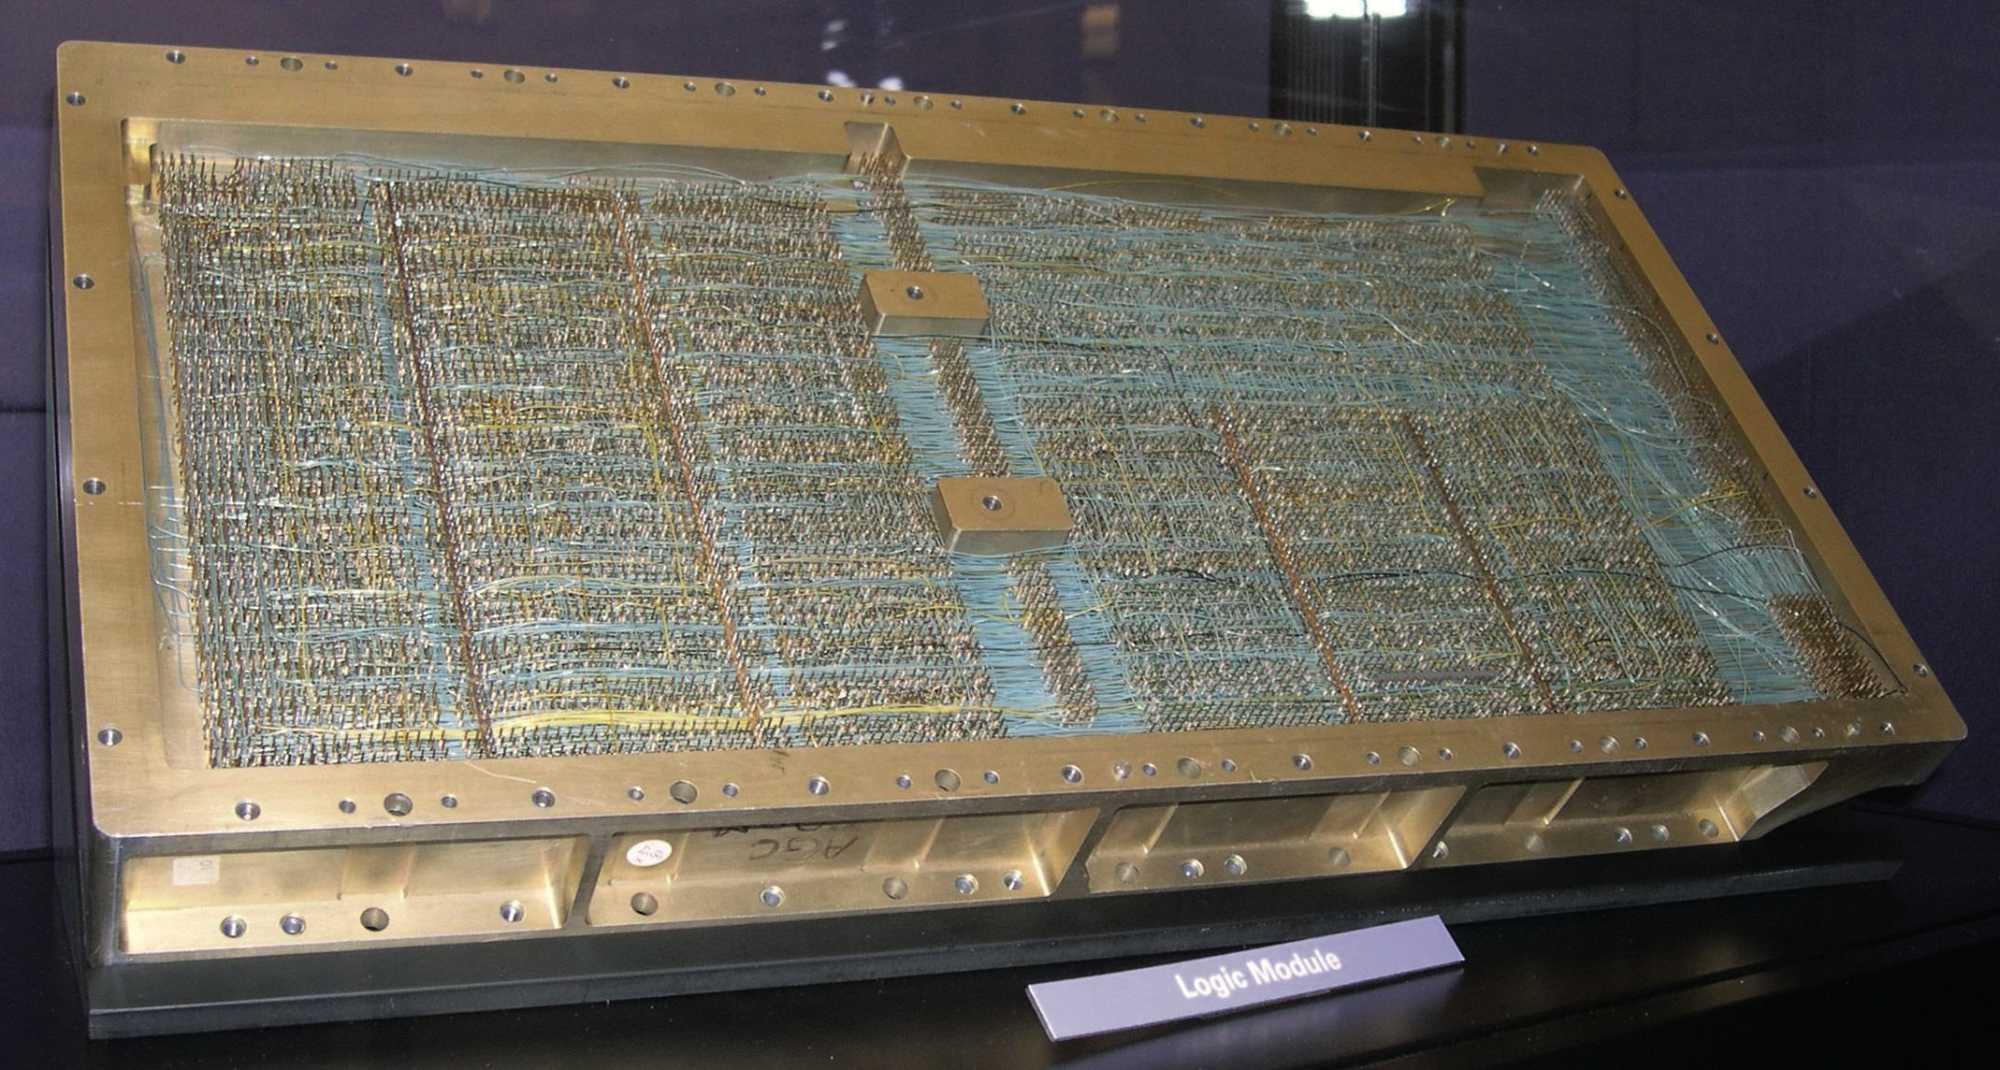 """Die beiden """"Laden"""" mit den Modulen. Hier fehlen rechts das Erasable Memory und die sechs Module mit dem Fädelspeicher."""